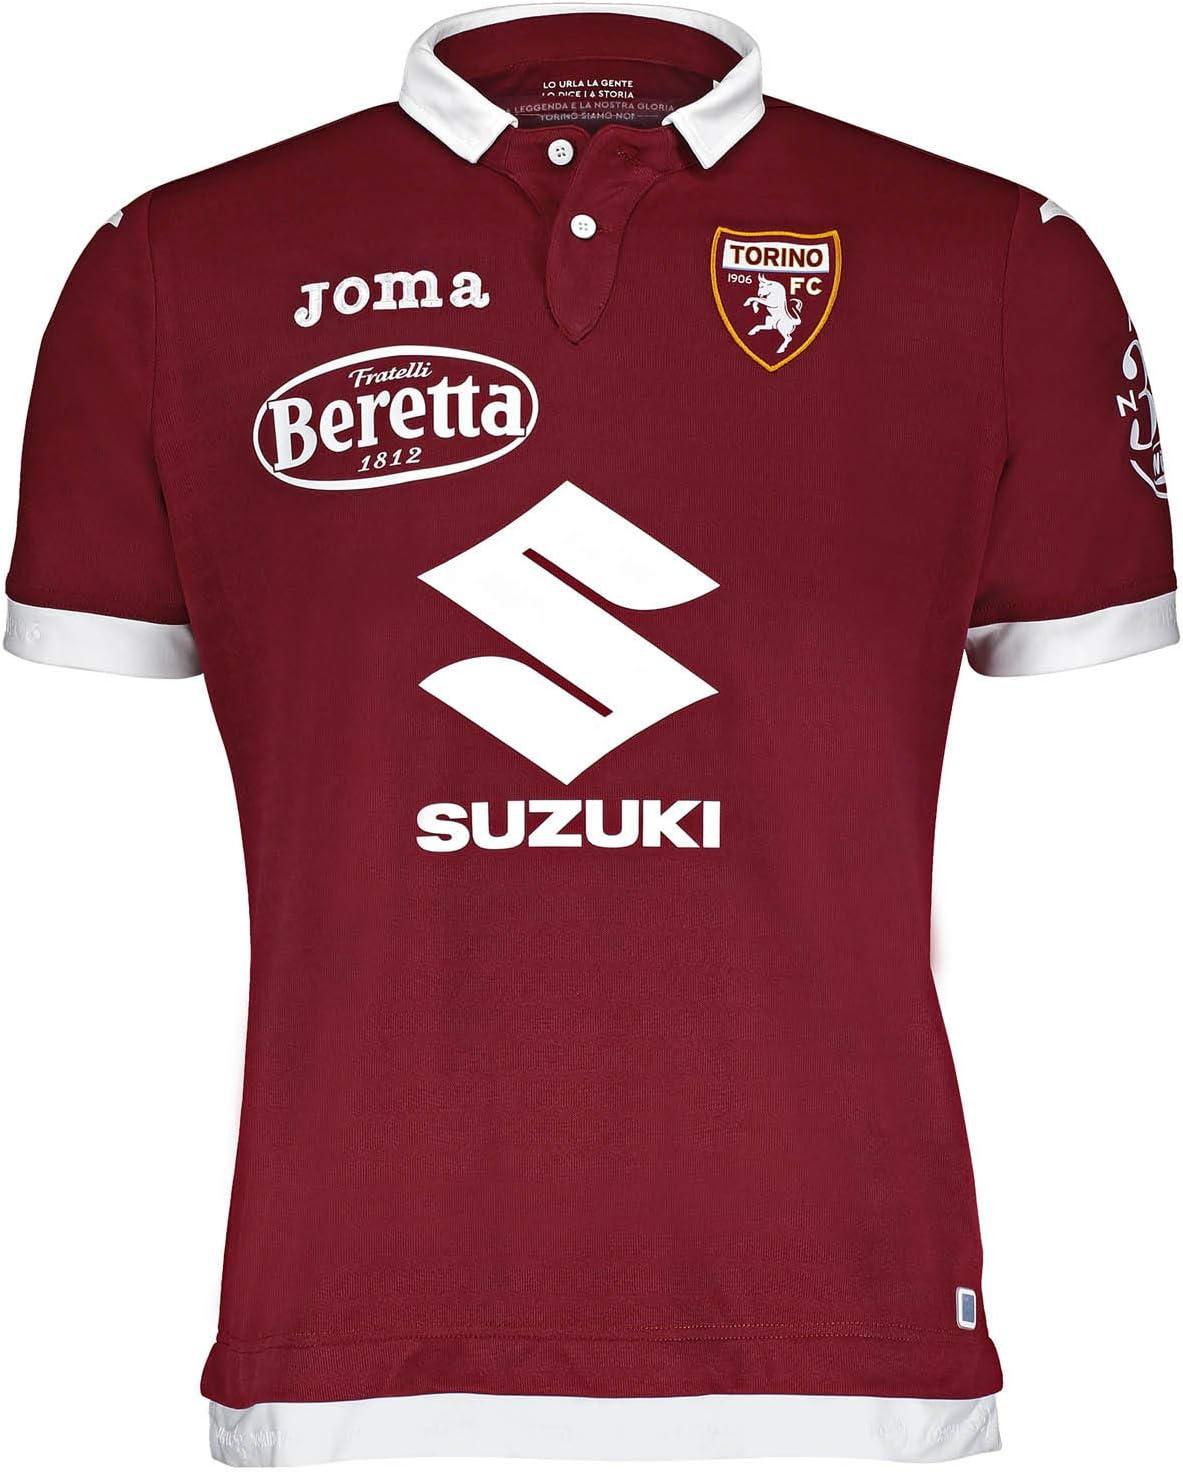 Joma - Torino 1ª Camiseta 19/20 Hombre: Amazon.es: Deportes y aire ...